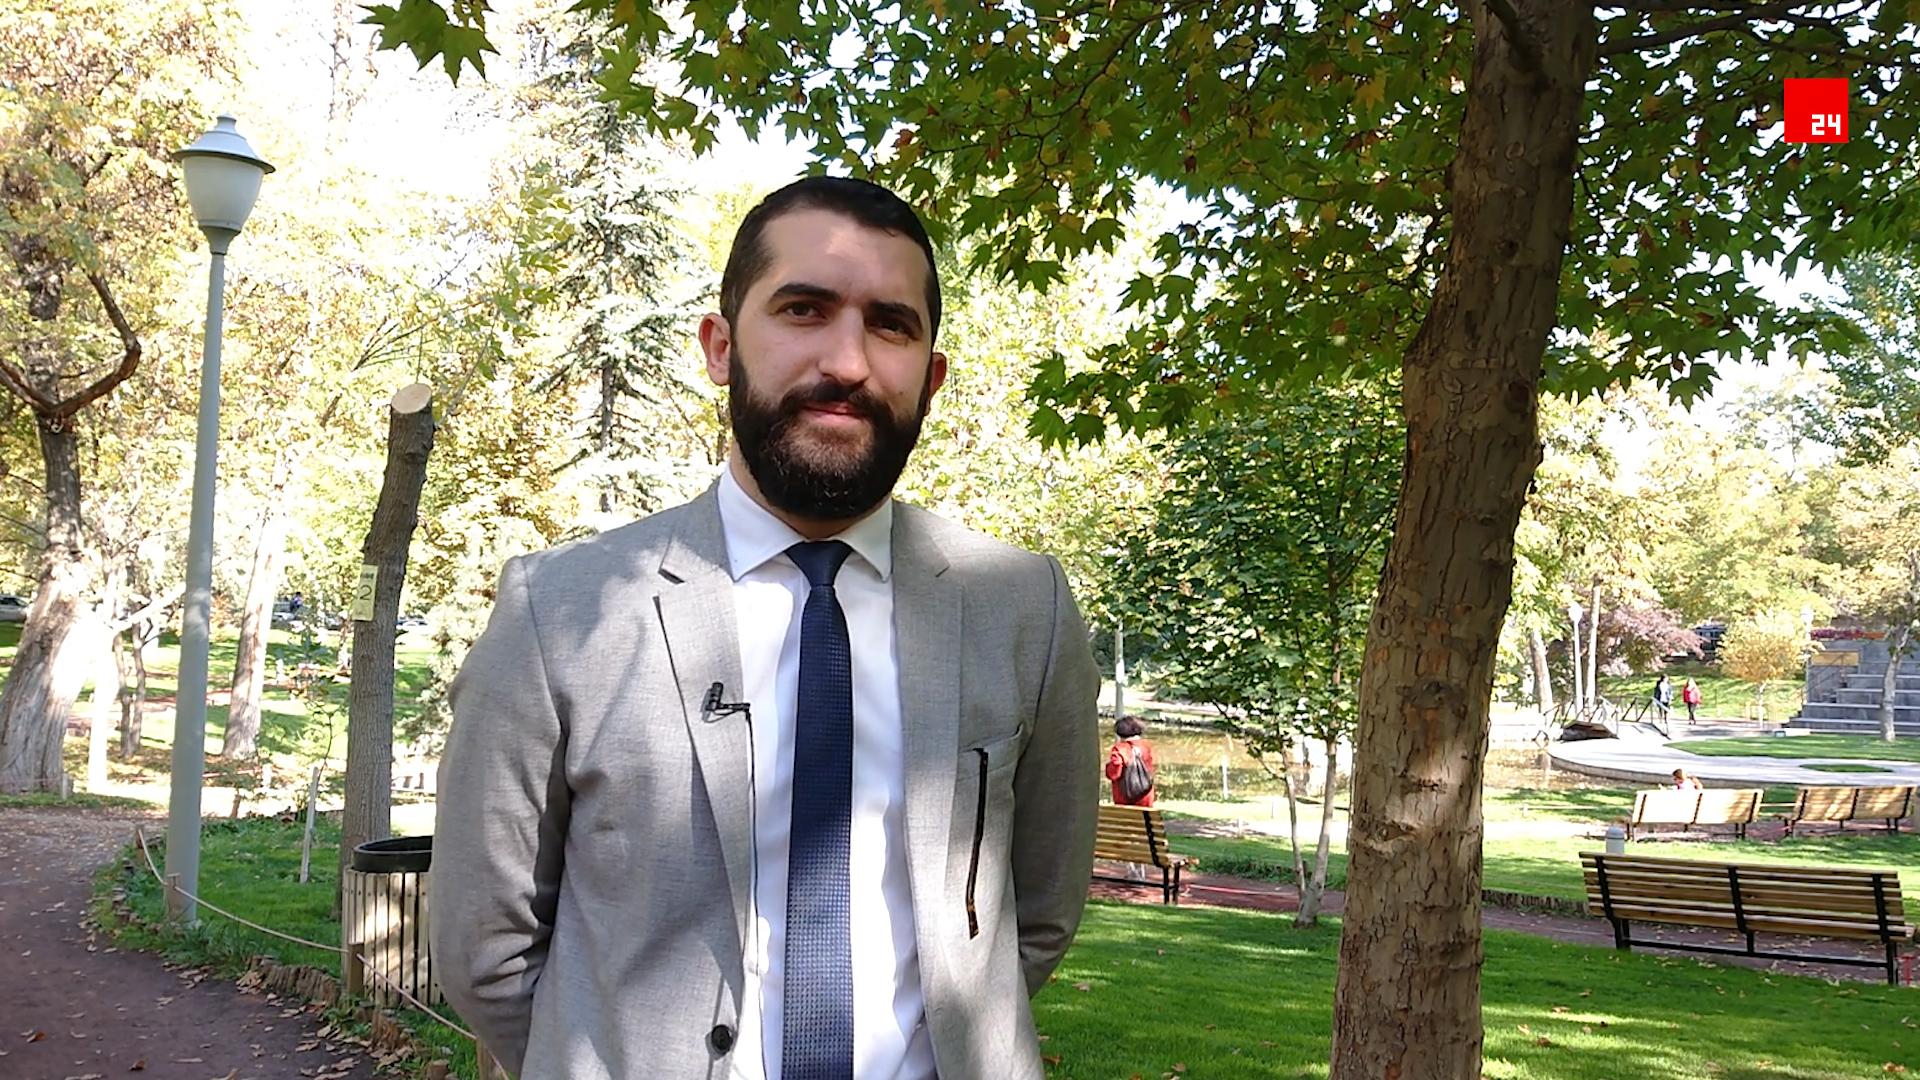 Վարուժան Գեղամյան. Շատ բան կախված է նրանից, թե ով կմշակի Թուրքիայի նոր տնտեսական քաղաքականությունը